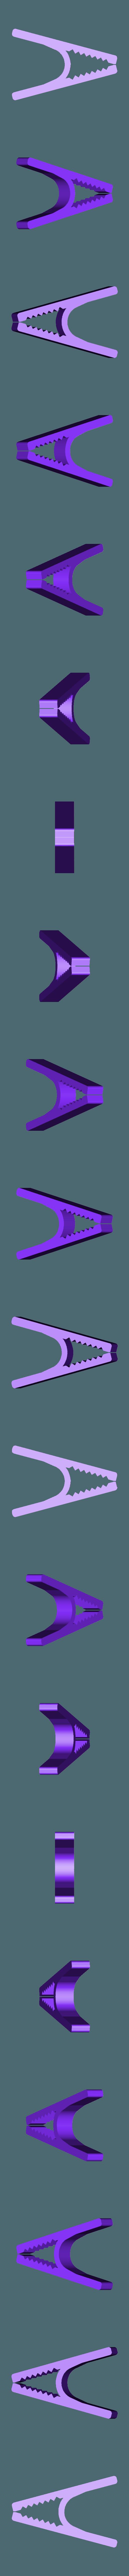 bag_clip.stl Télécharger fichier STL gratuit Agrafe de fermeture de sac sans ressort • Design pour imprimante 3D, sokinkeso